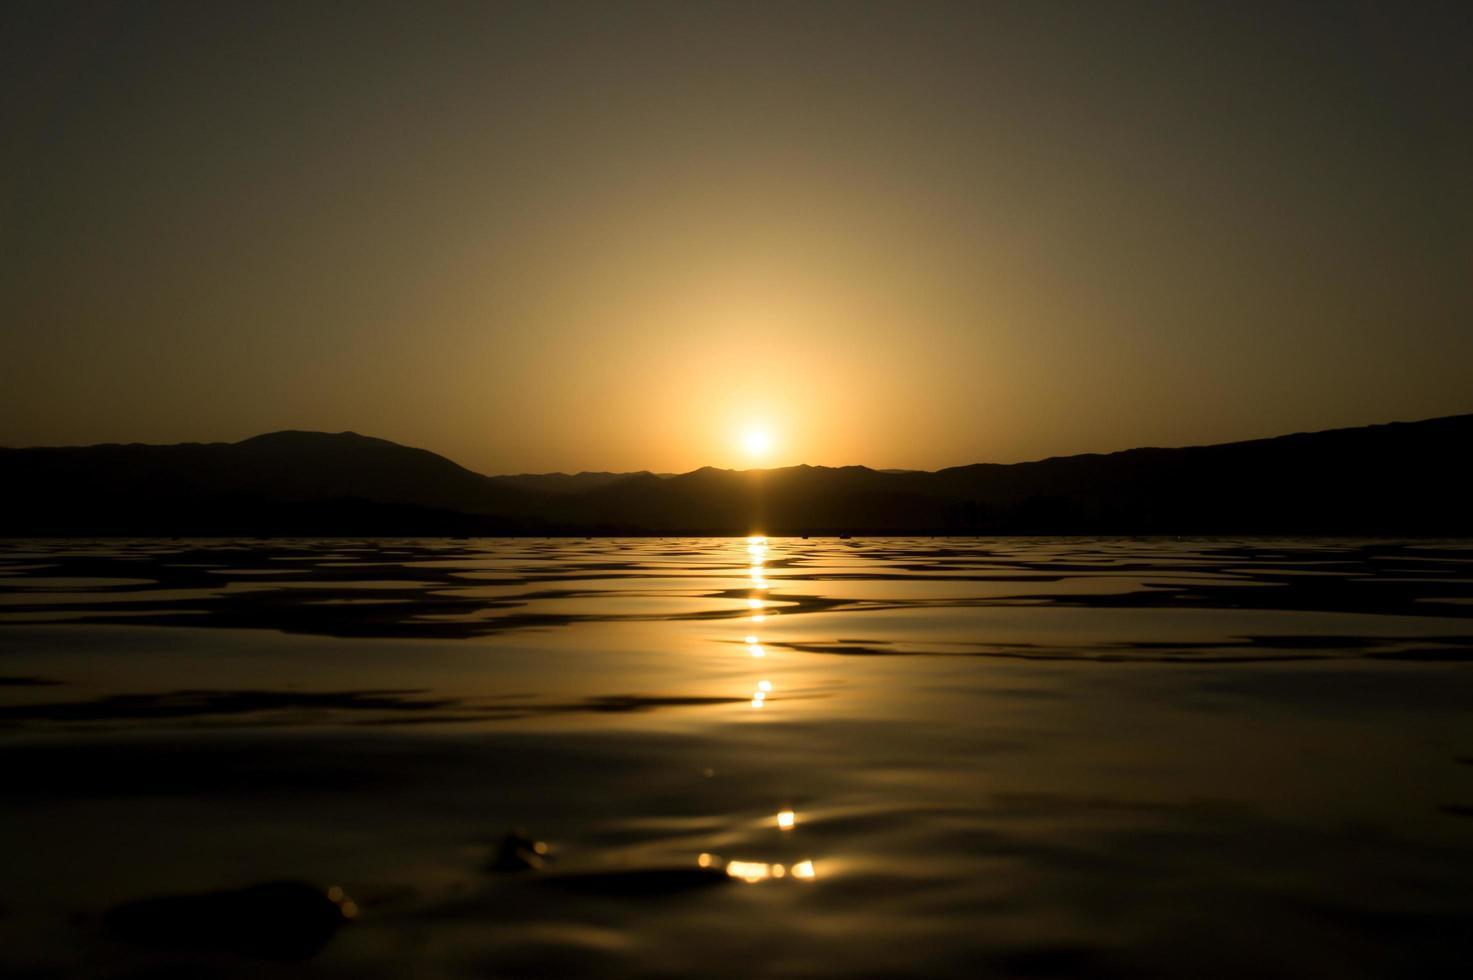 vista di un lago con la luce solare riflessa sulla superficie dell'acqua foto